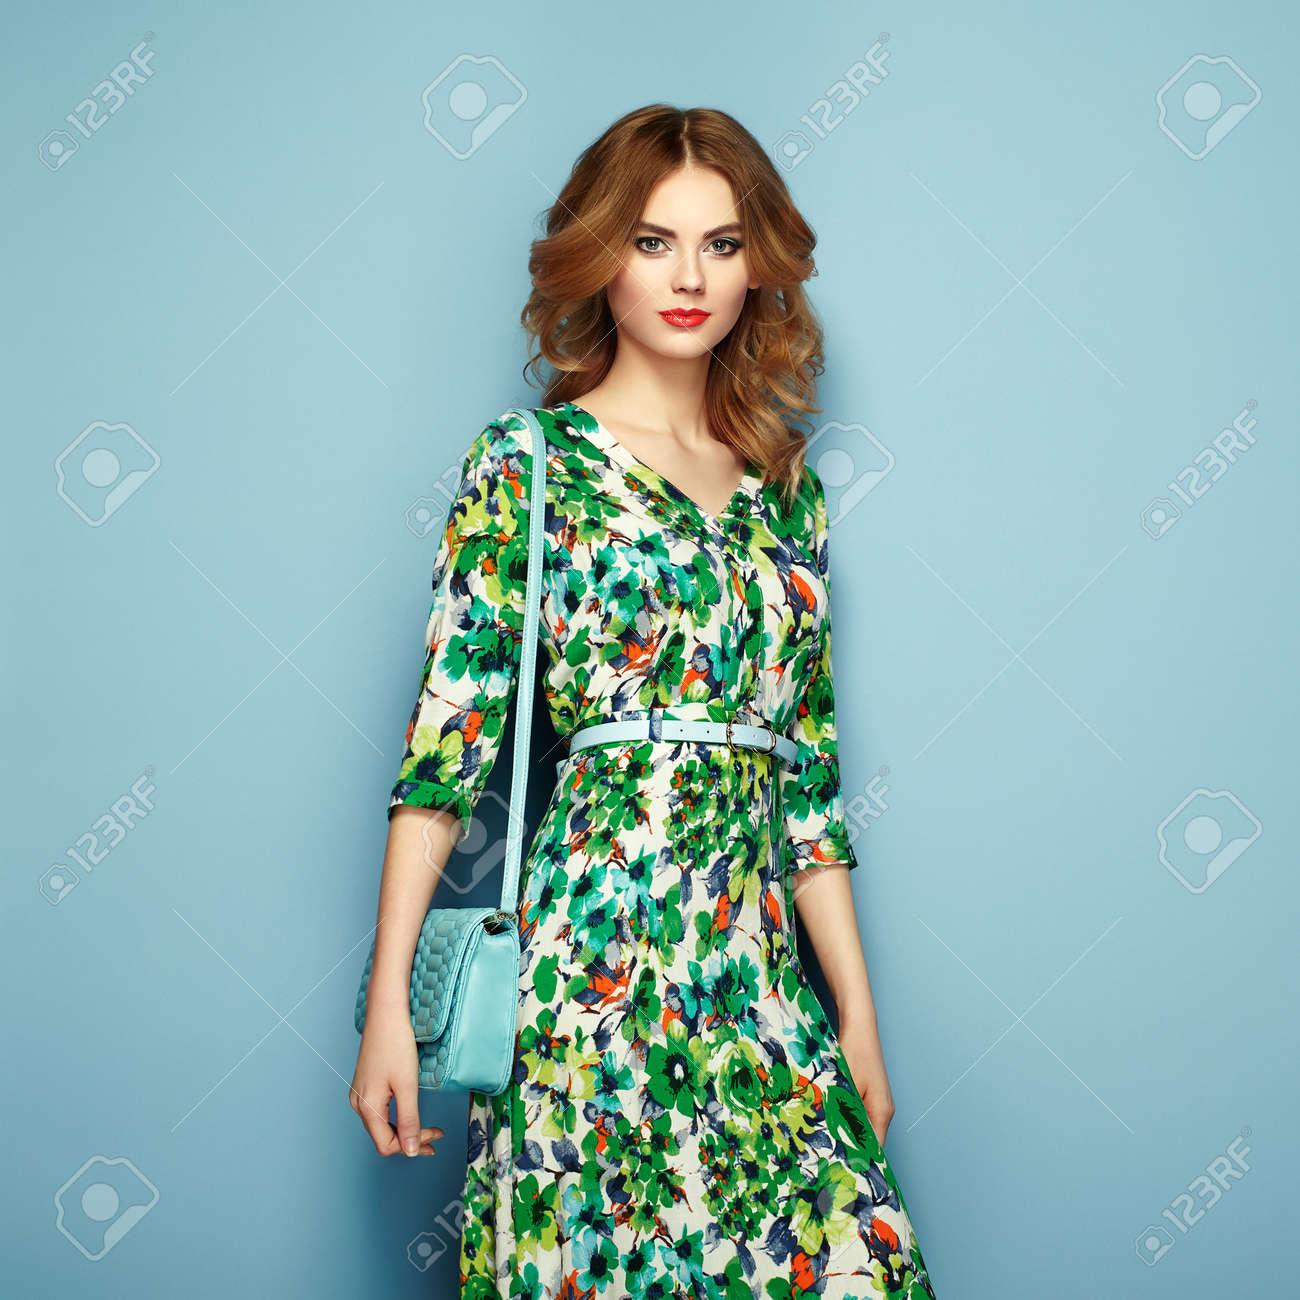 grand choix de 1ea84 ac210 Jeune femme blonde en robe printemps été florale. Fille posant sur un fond  rose. tenue florale d'été. coiffure ondulée élégante. photo de mode. dame  ...